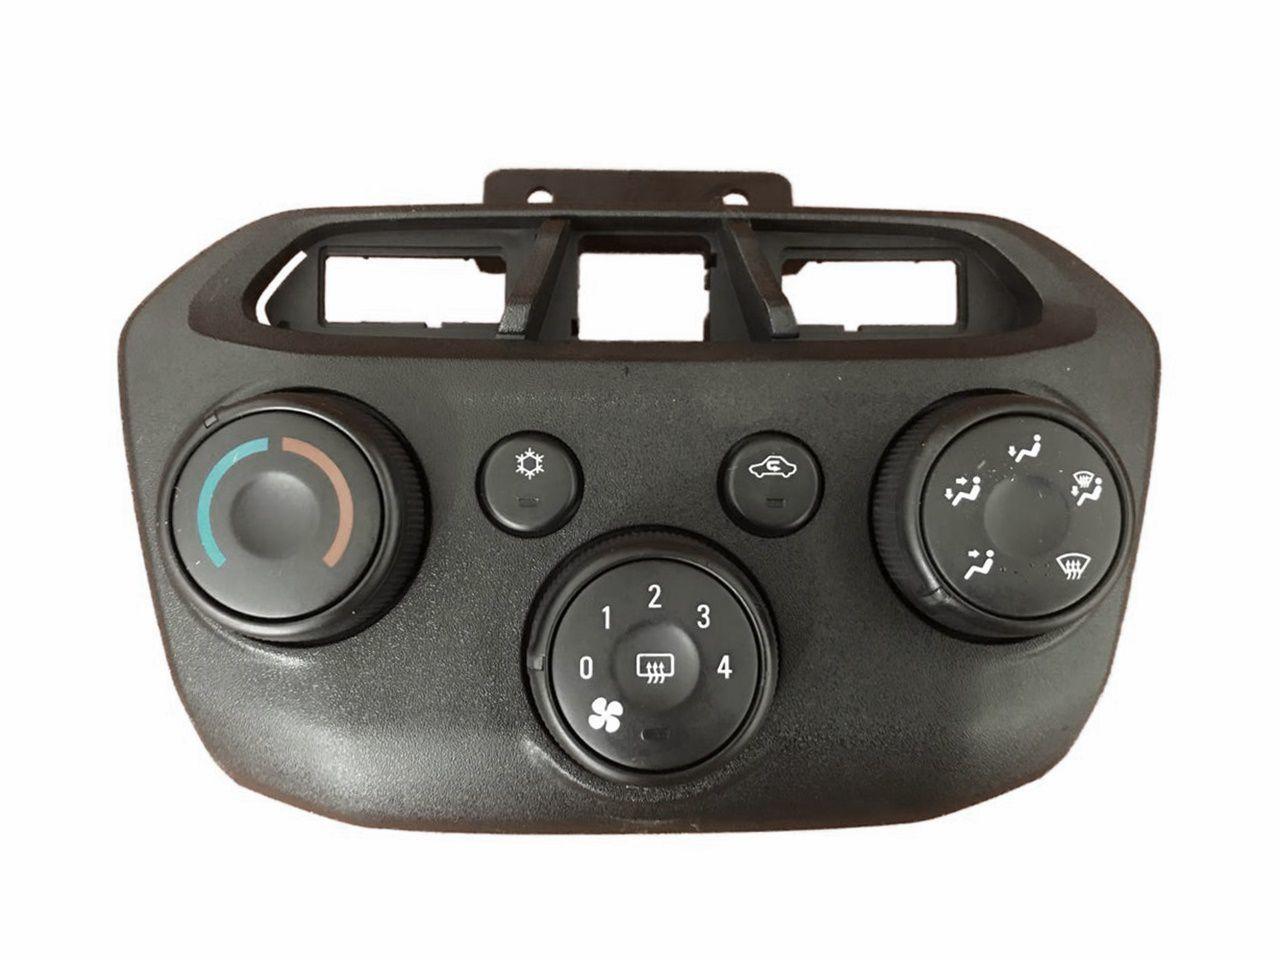 Comando Controle De Ar Condicionado Aro Preto do Painel Original 52112728 Gm Onix Prisma 11 012 013 014 015 016 017 018